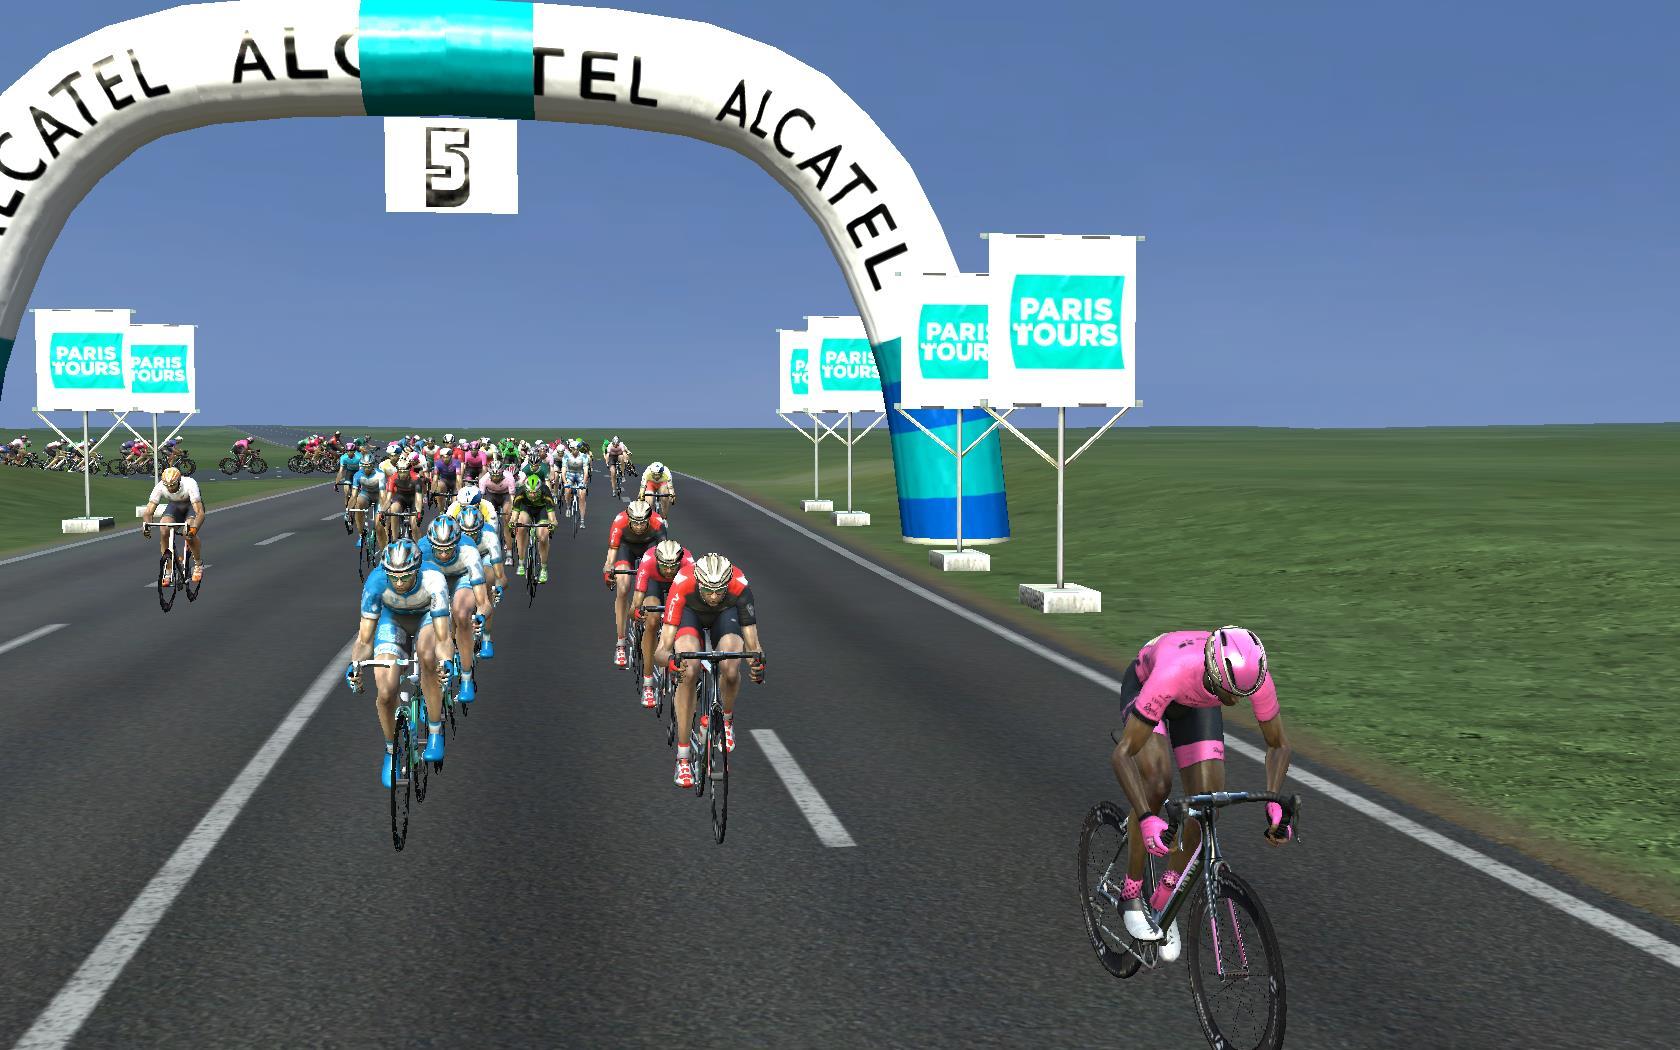 pcmdaily.com/images/mg/2018/Races/C2HC/ParisTours/PCM0013.jpg